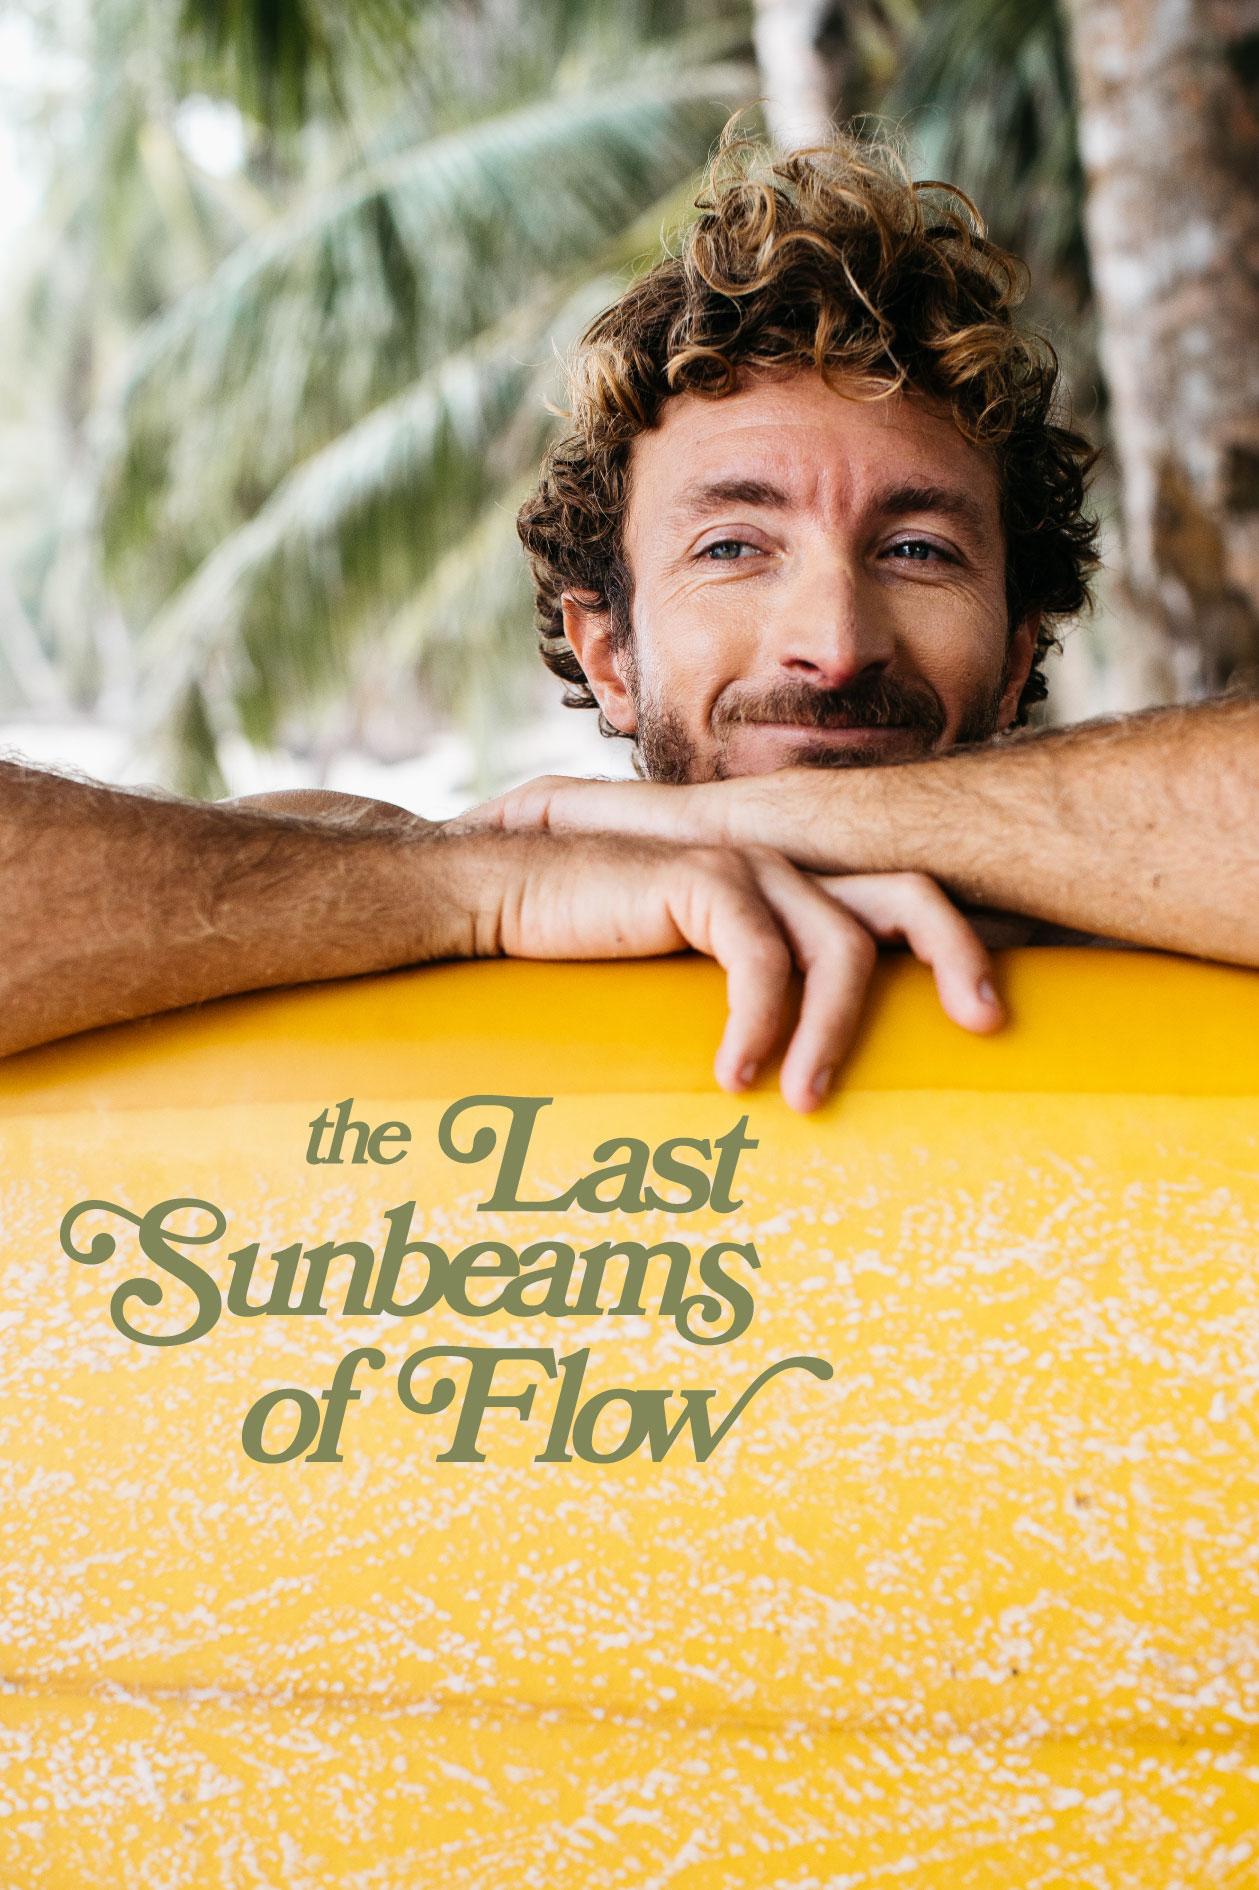 THE LAST SUNBEAMS OF FLOW